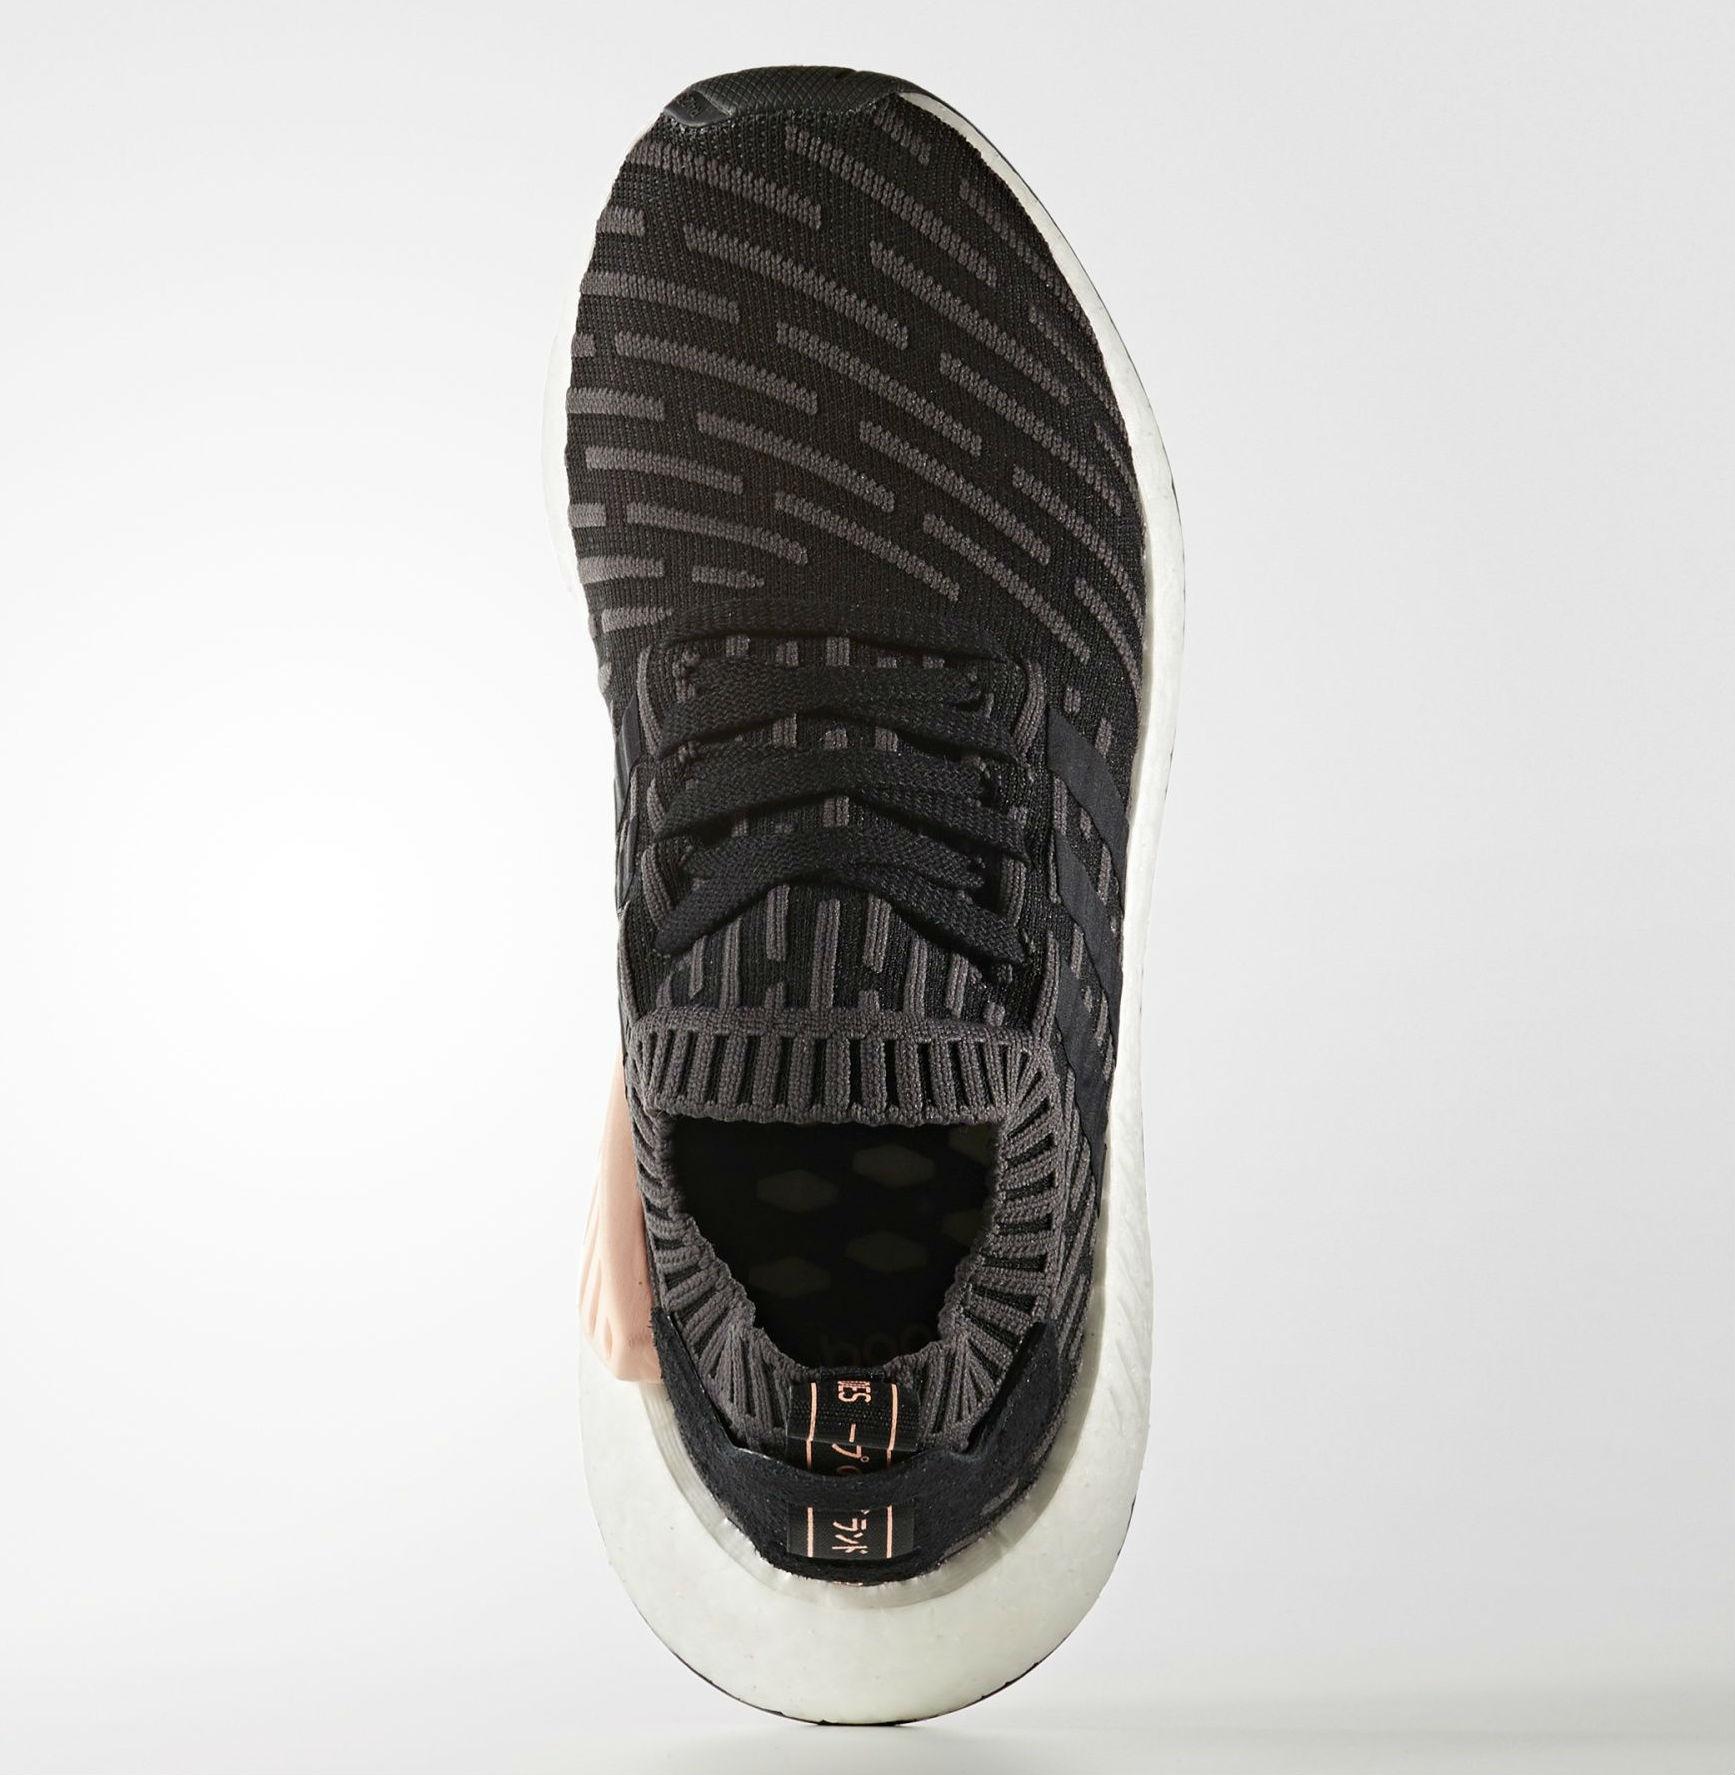 adidas nmd r2 winter